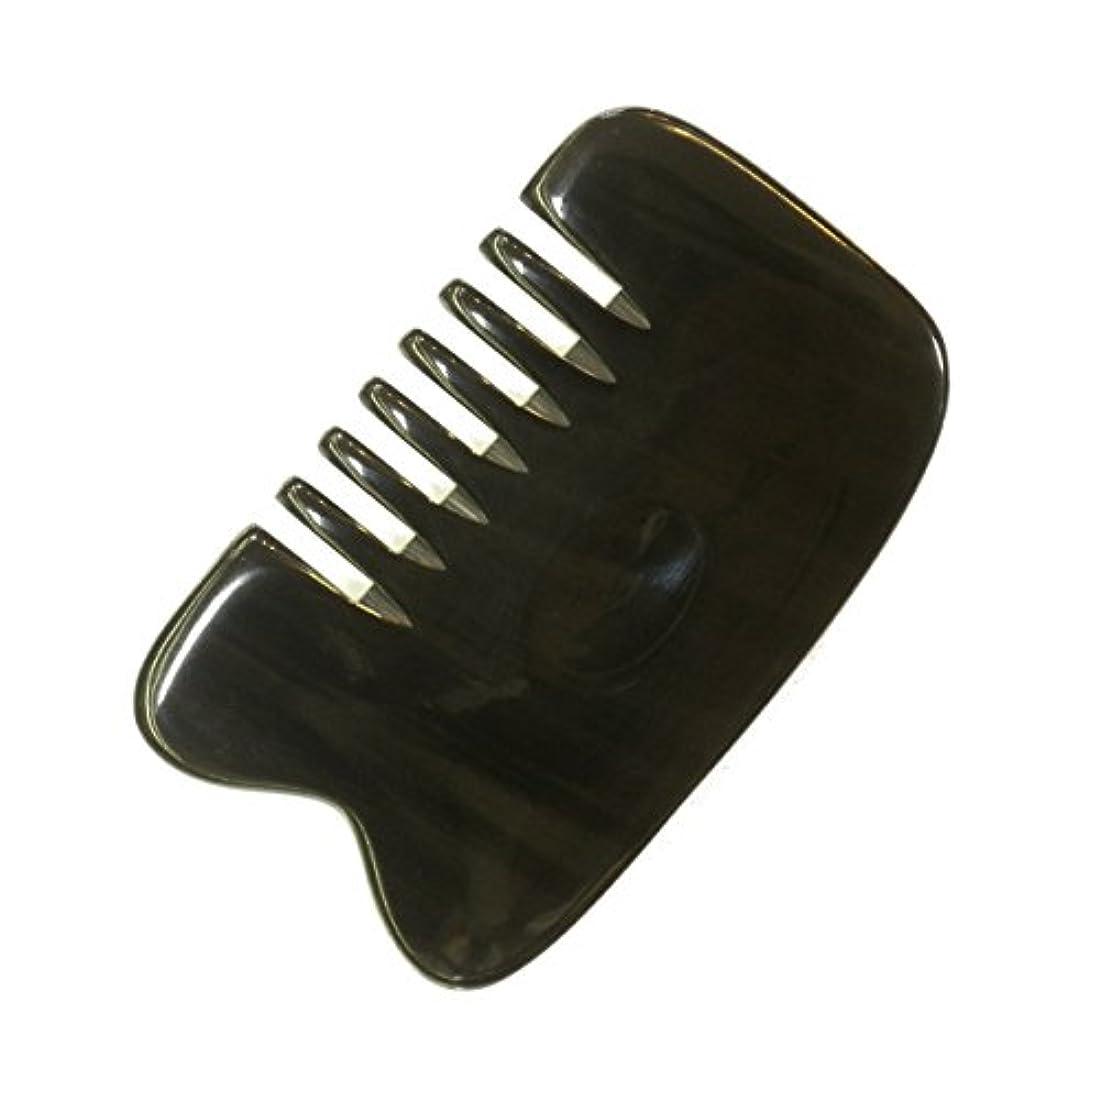 責任歯科医意図的かっさ プレート 厚さが選べる 水牛の角(黒水牛角) EHE221SP 櫛型 特級品 特厚(9ミリ程度[100円加算])